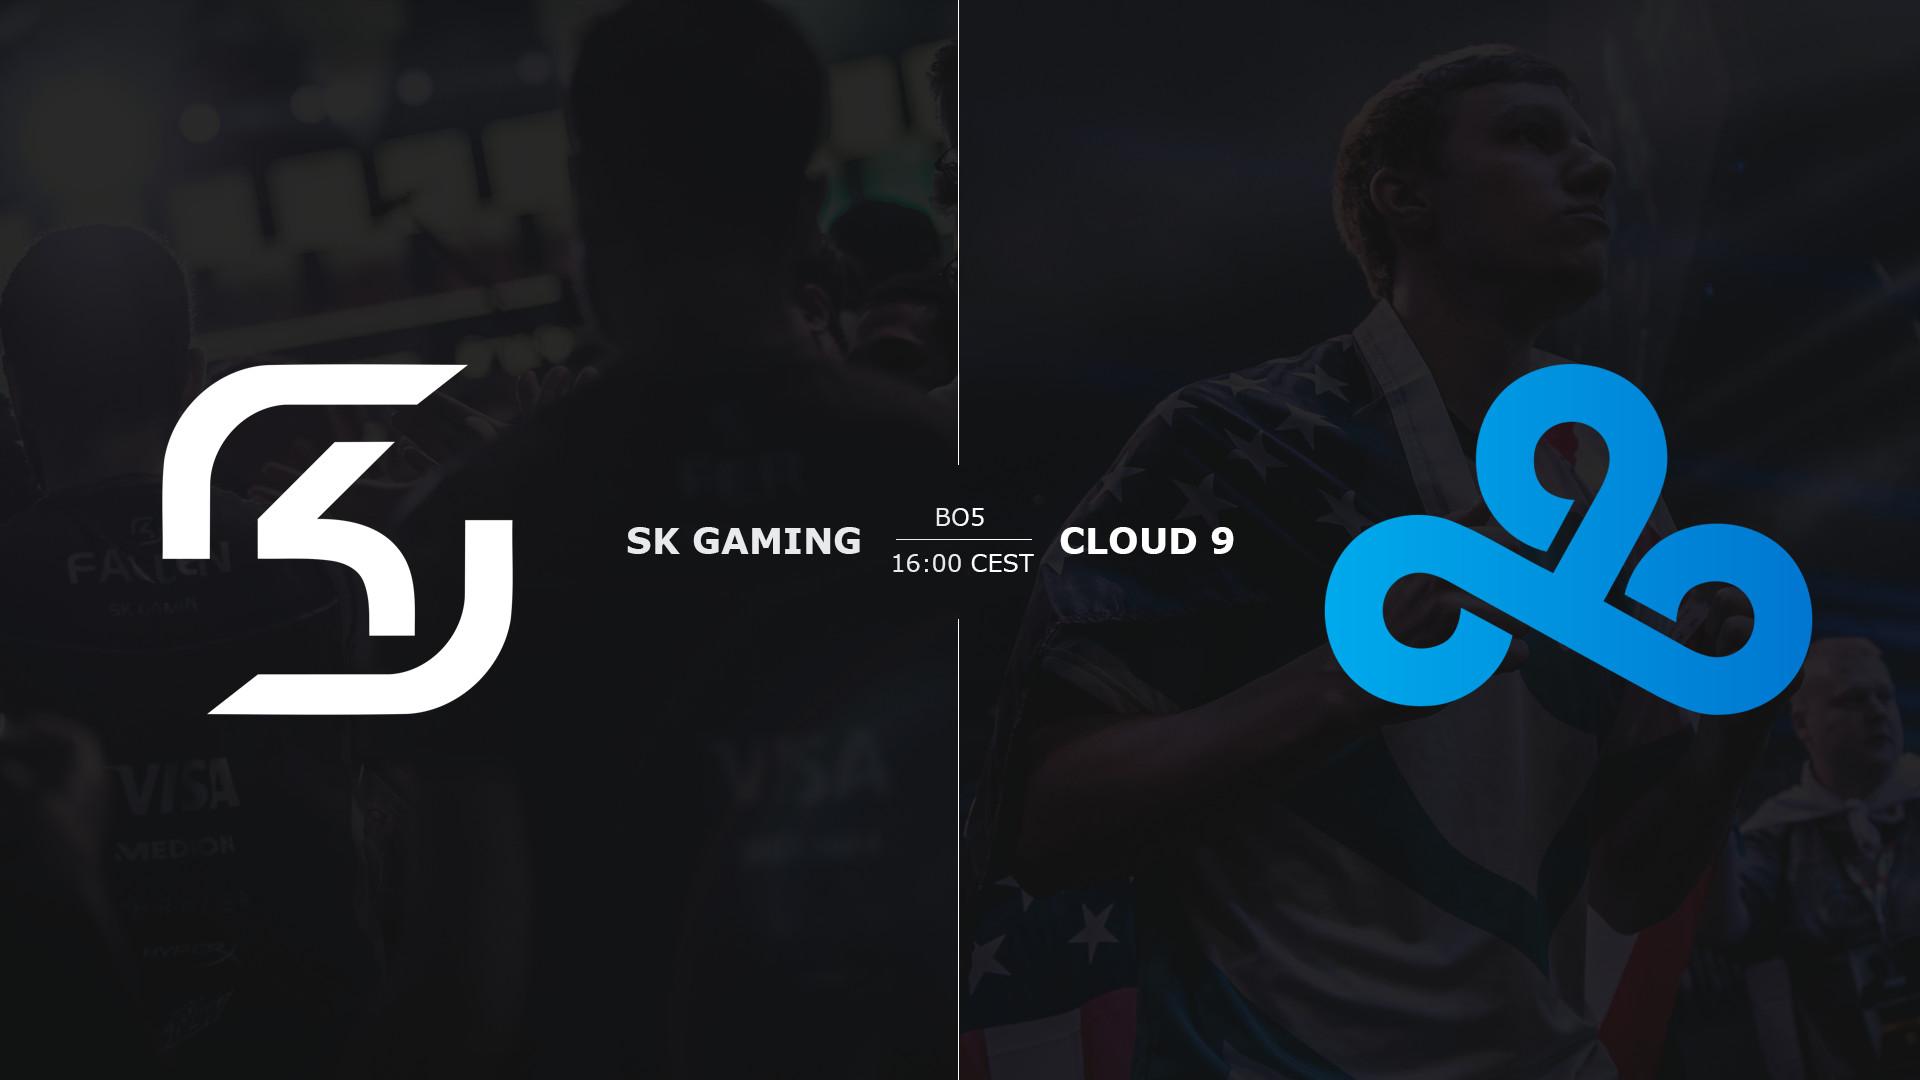 [Wallpaper] SK Gaming vs. Cloud 9 | Grand Final #games #globaloffensive